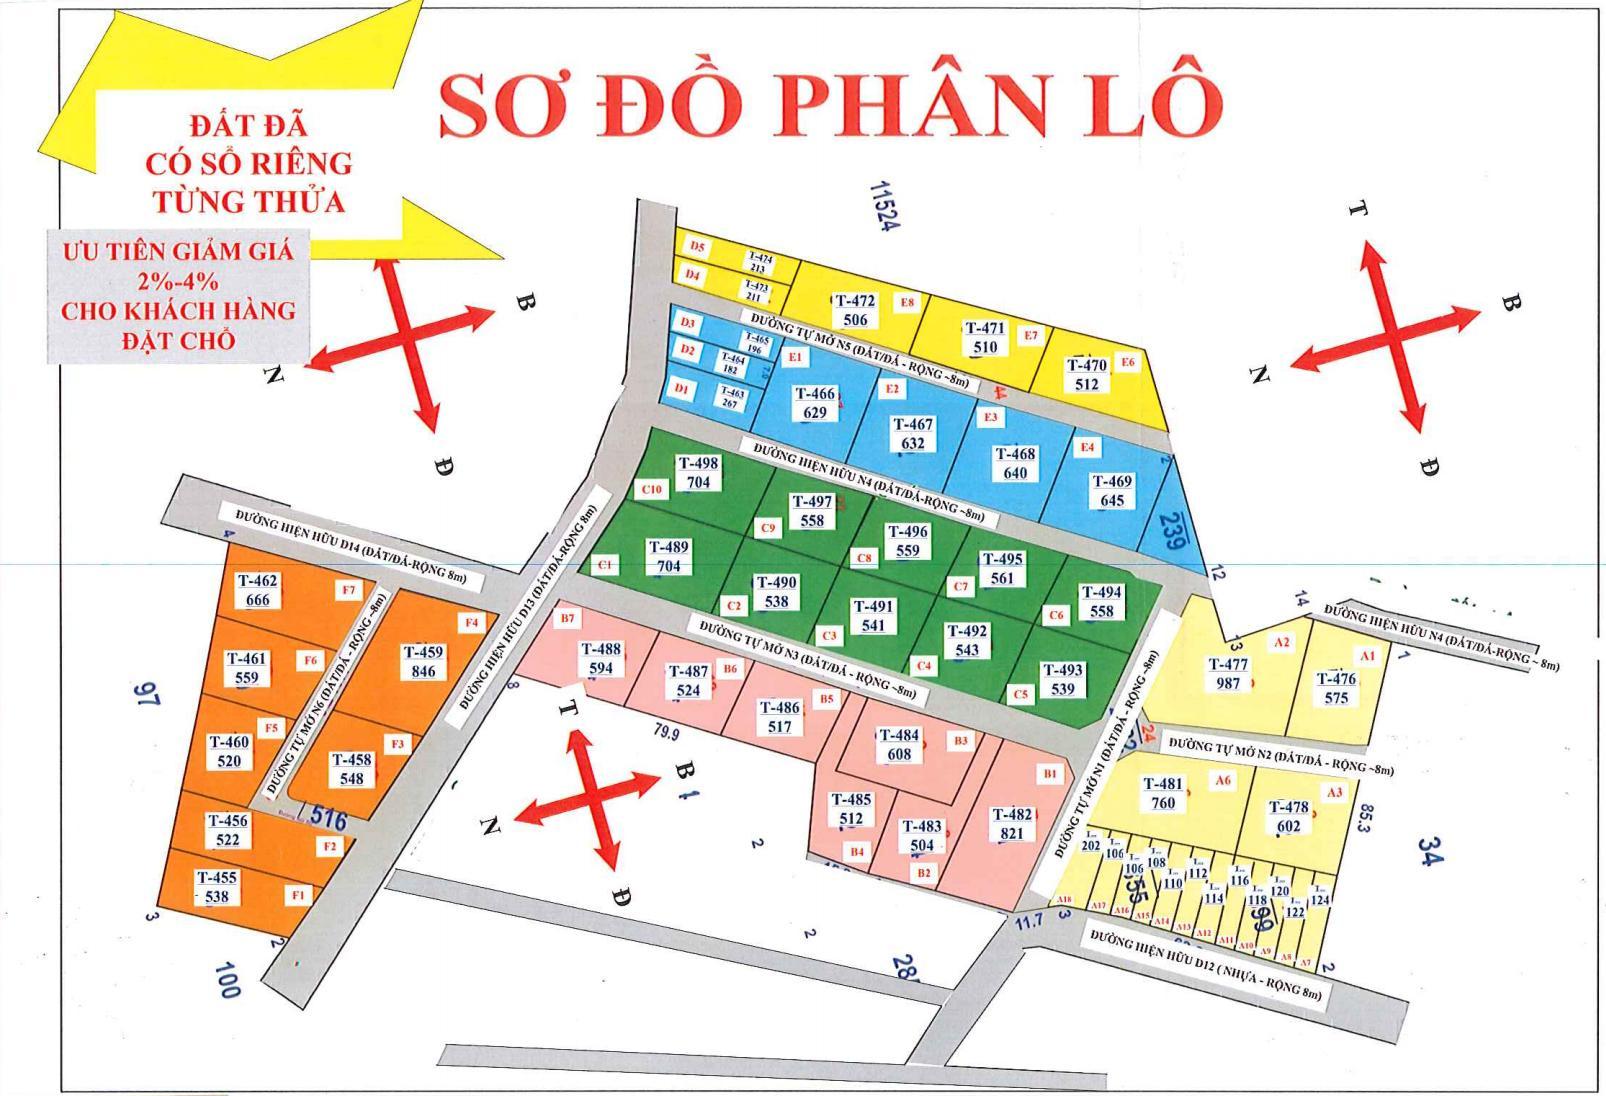 Sơ đồ phân lô dự án Đất nền Tóc Tiên Town 1 thị xã Phú Mỹ Bà Rịa Vũng Tàu